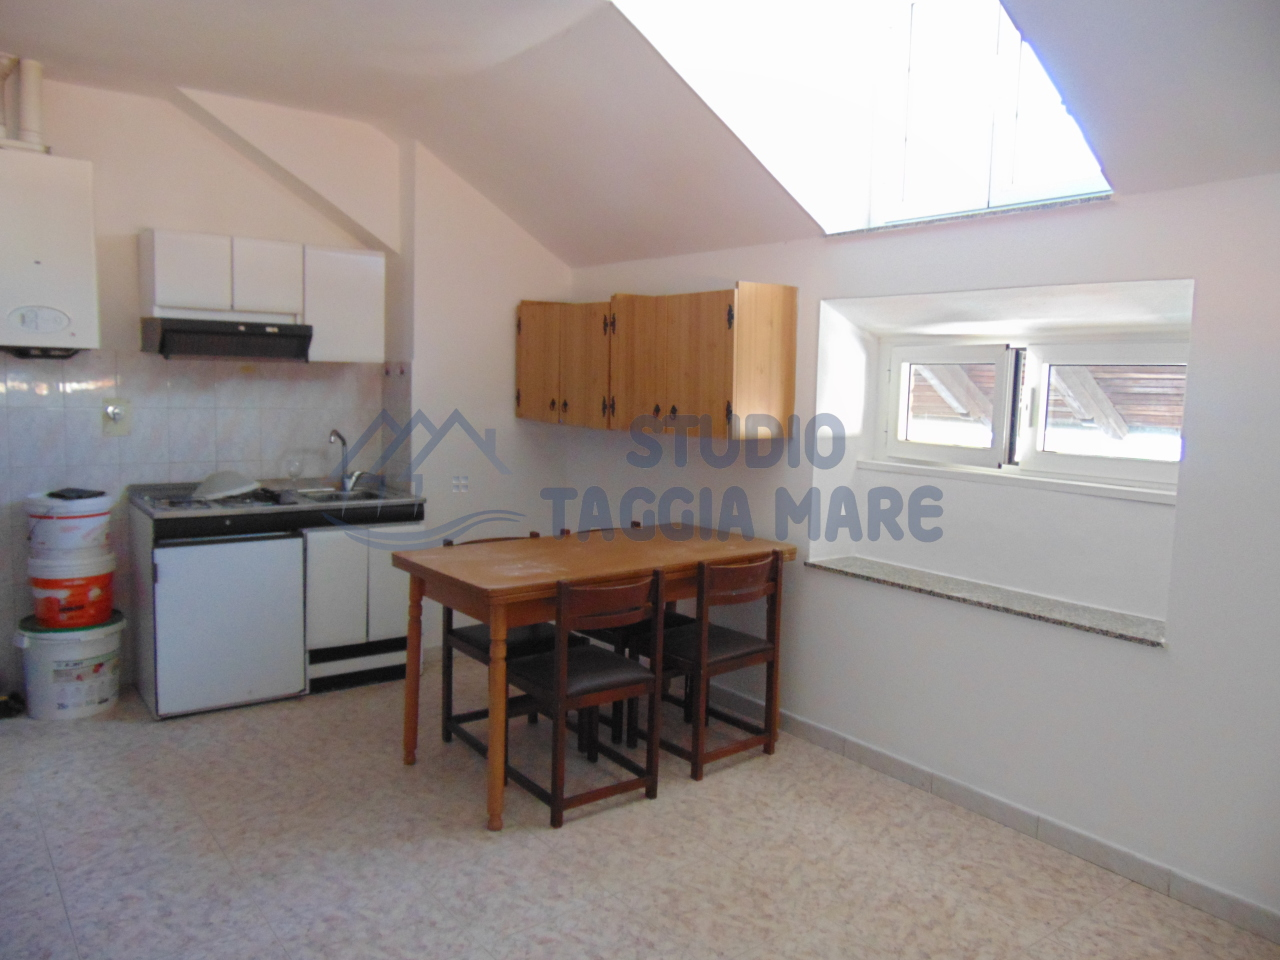 Appartamento in vendita a Taggia, 2 locali, prezzo € 119.000 | Cambio Casa.it